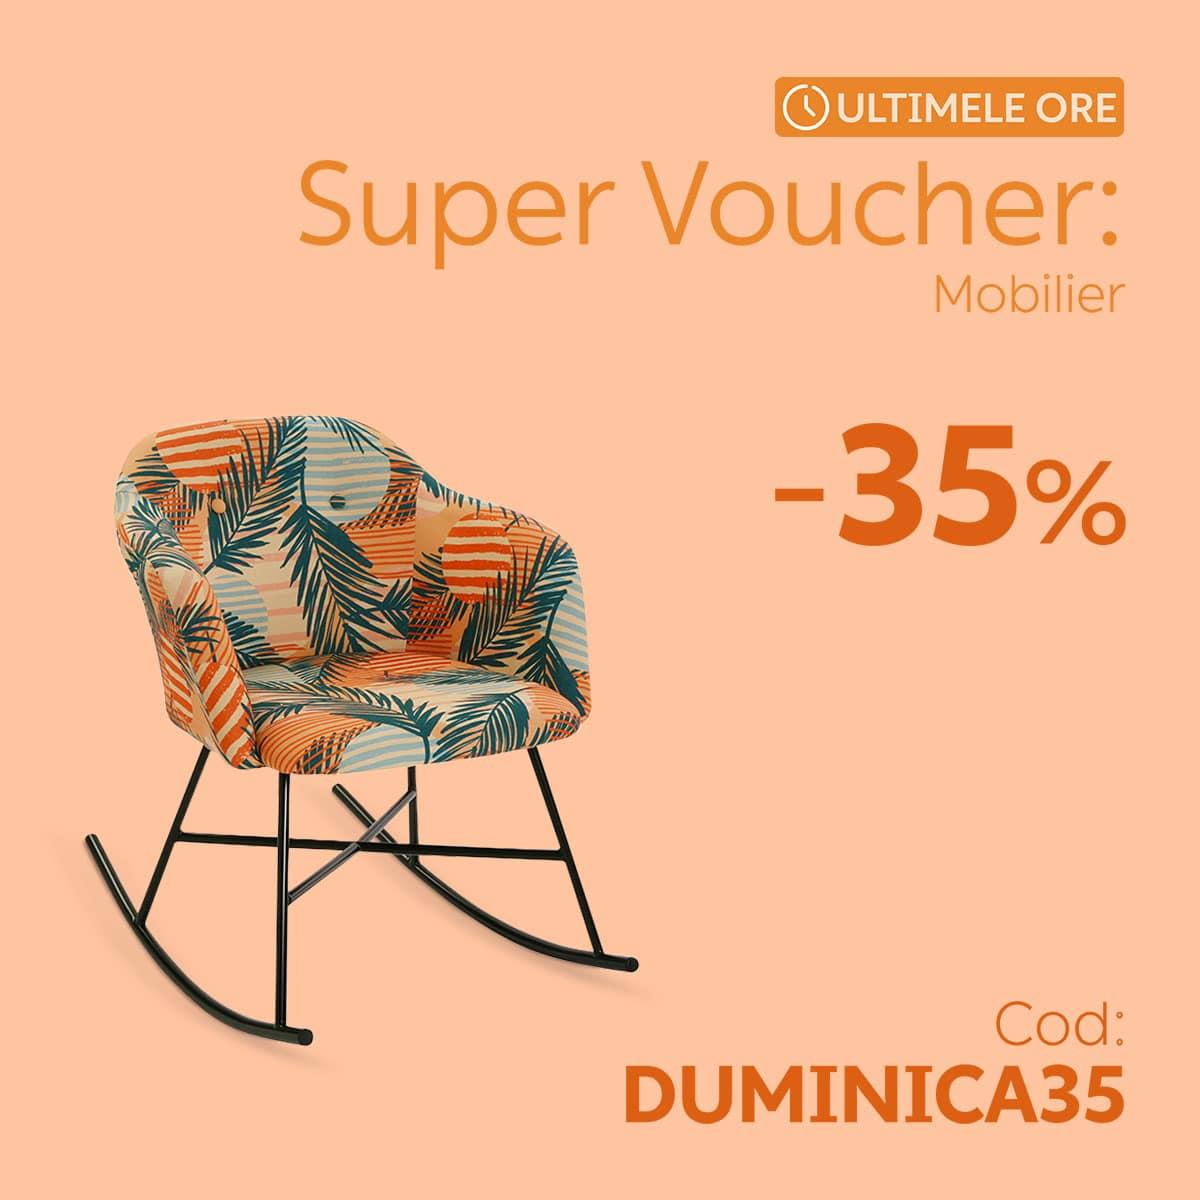 DUMINICA35